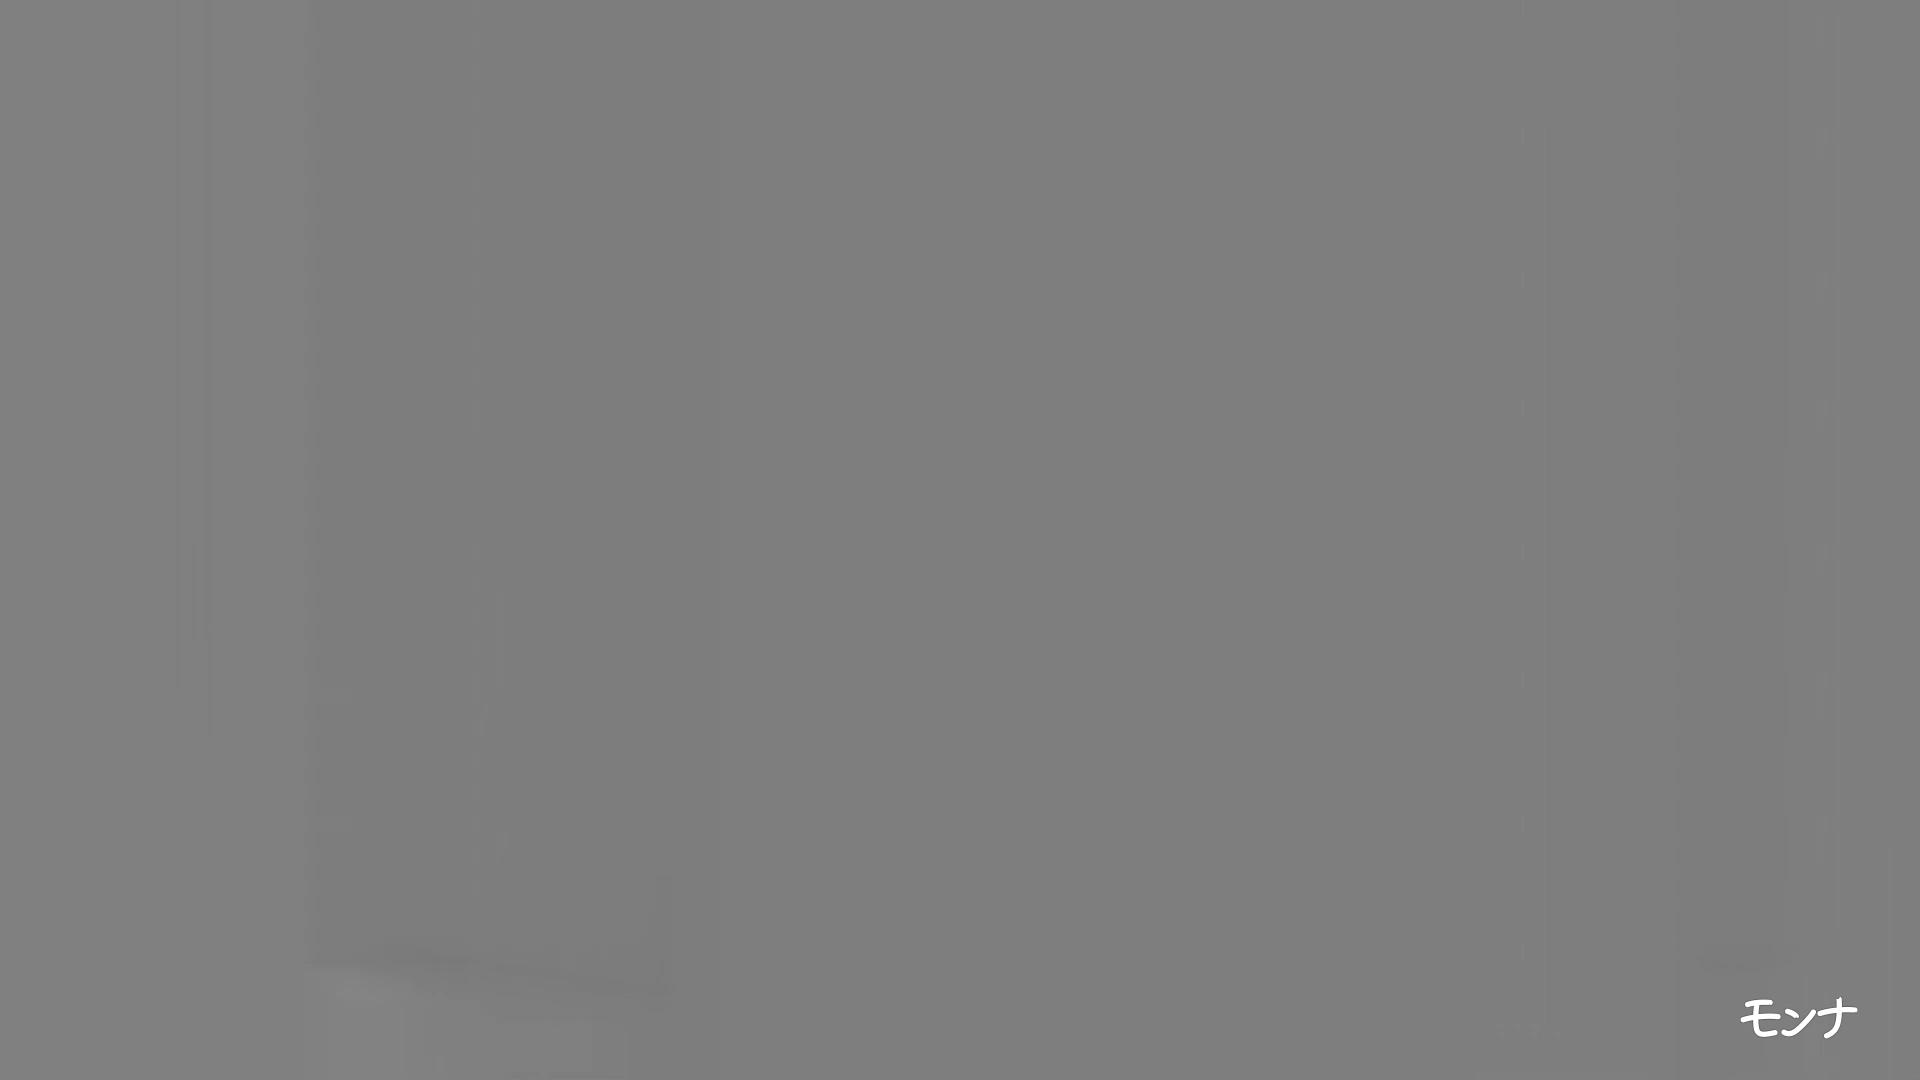 美しい日本の未来 No.38 久しぶり、復活しようかなあ?^^ by モンナ 盗撮 SEX無修正画像 57pic 2